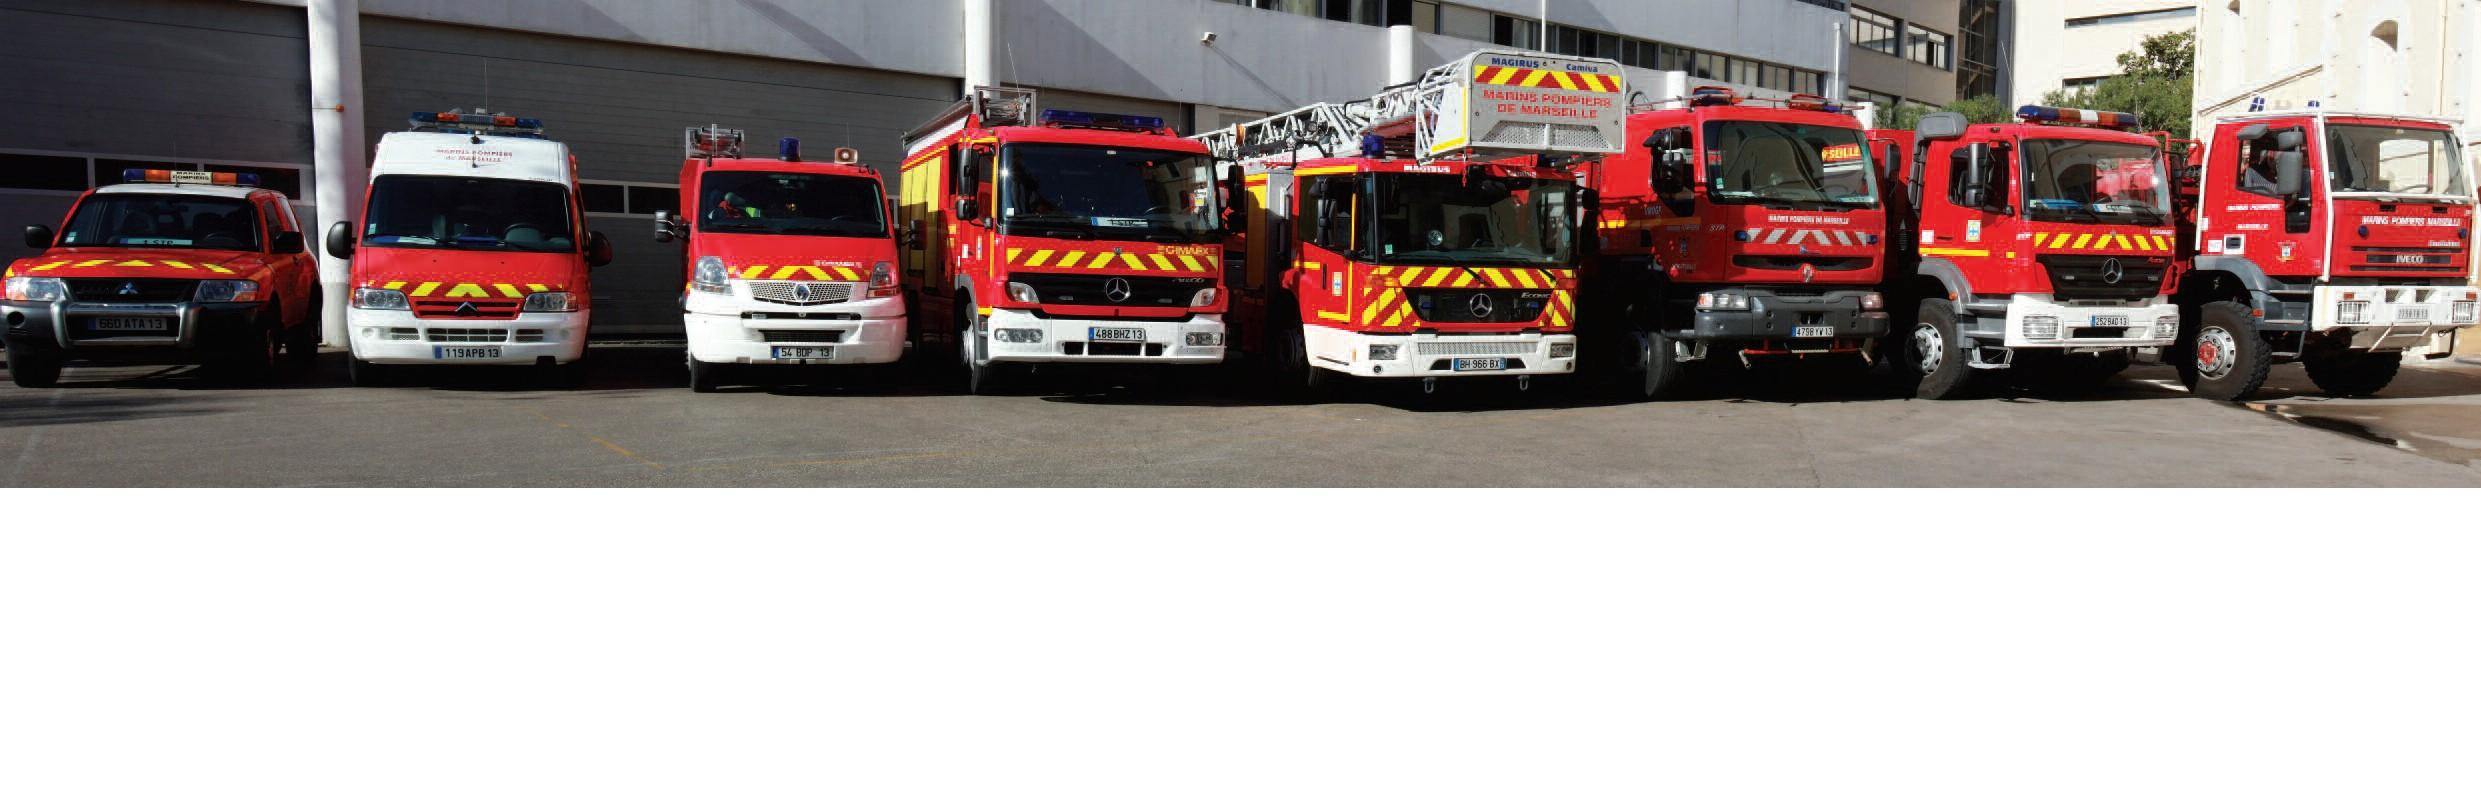 V U00e9hicules Des Pompiers Fran U00e7ais - Page 1037